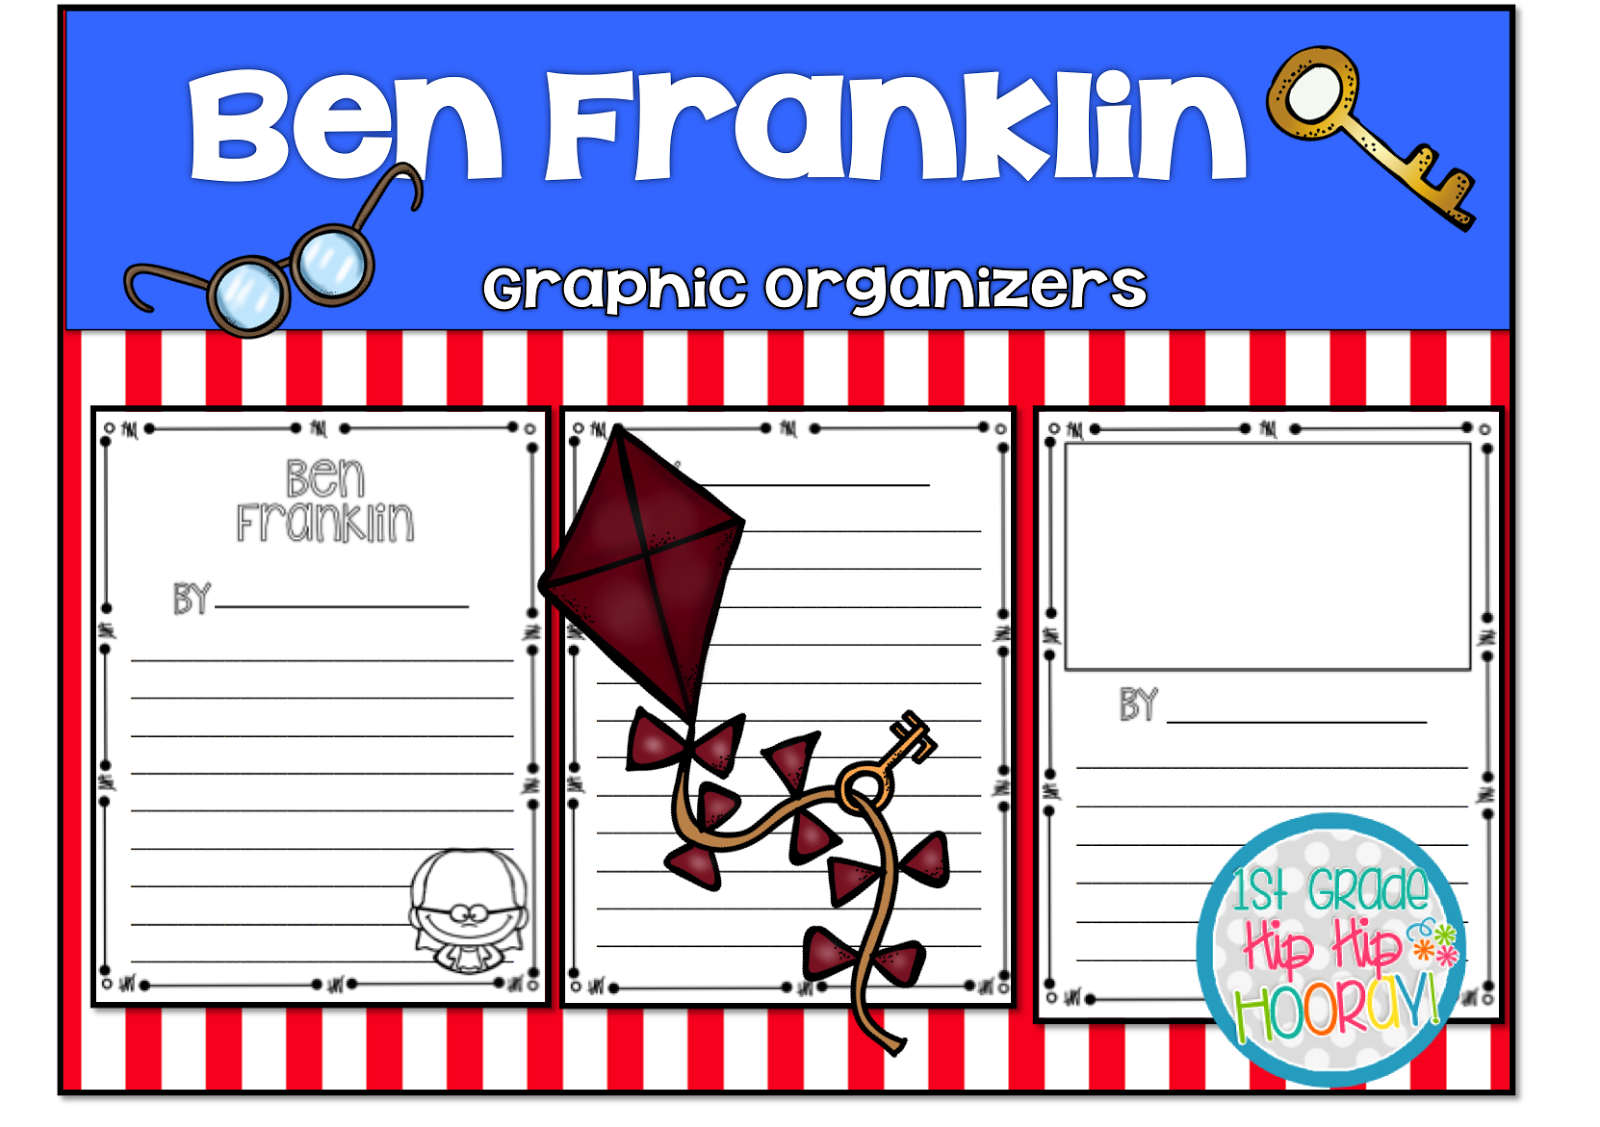 1st Grade Hip Hip Hooray Ben Franklin